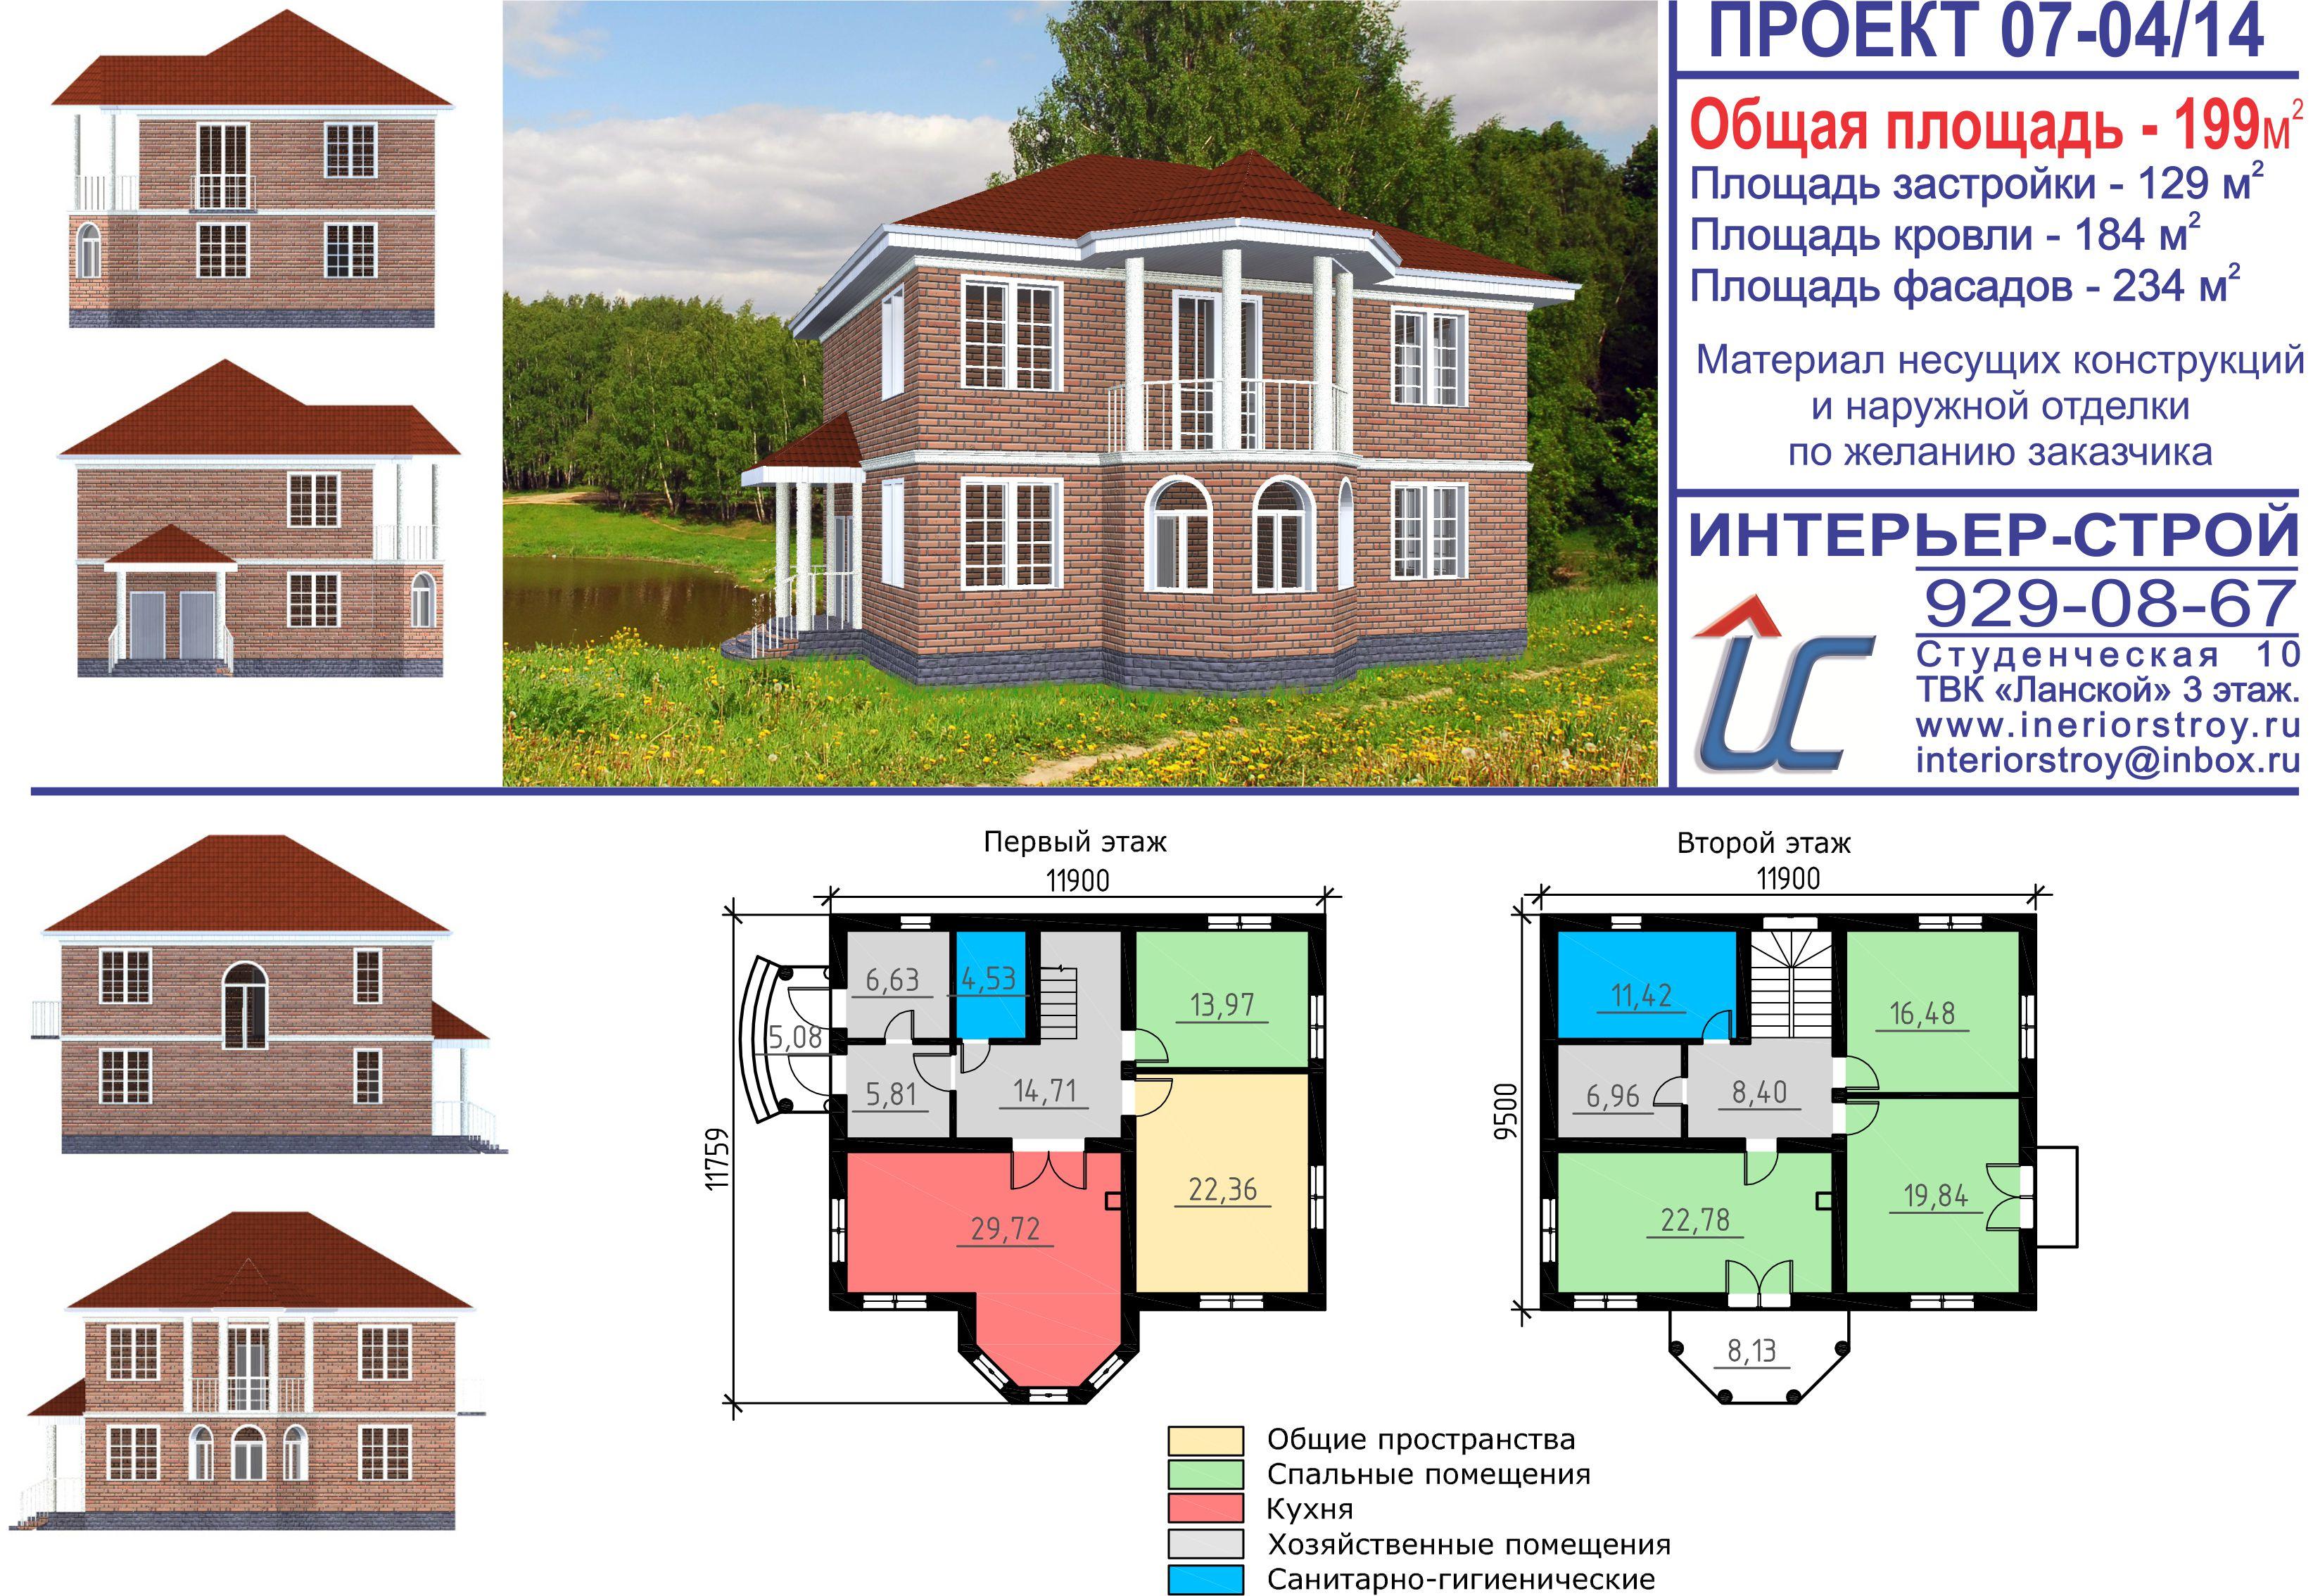 дом двухэтажный фото проект экономичный чертеж возведения крыш